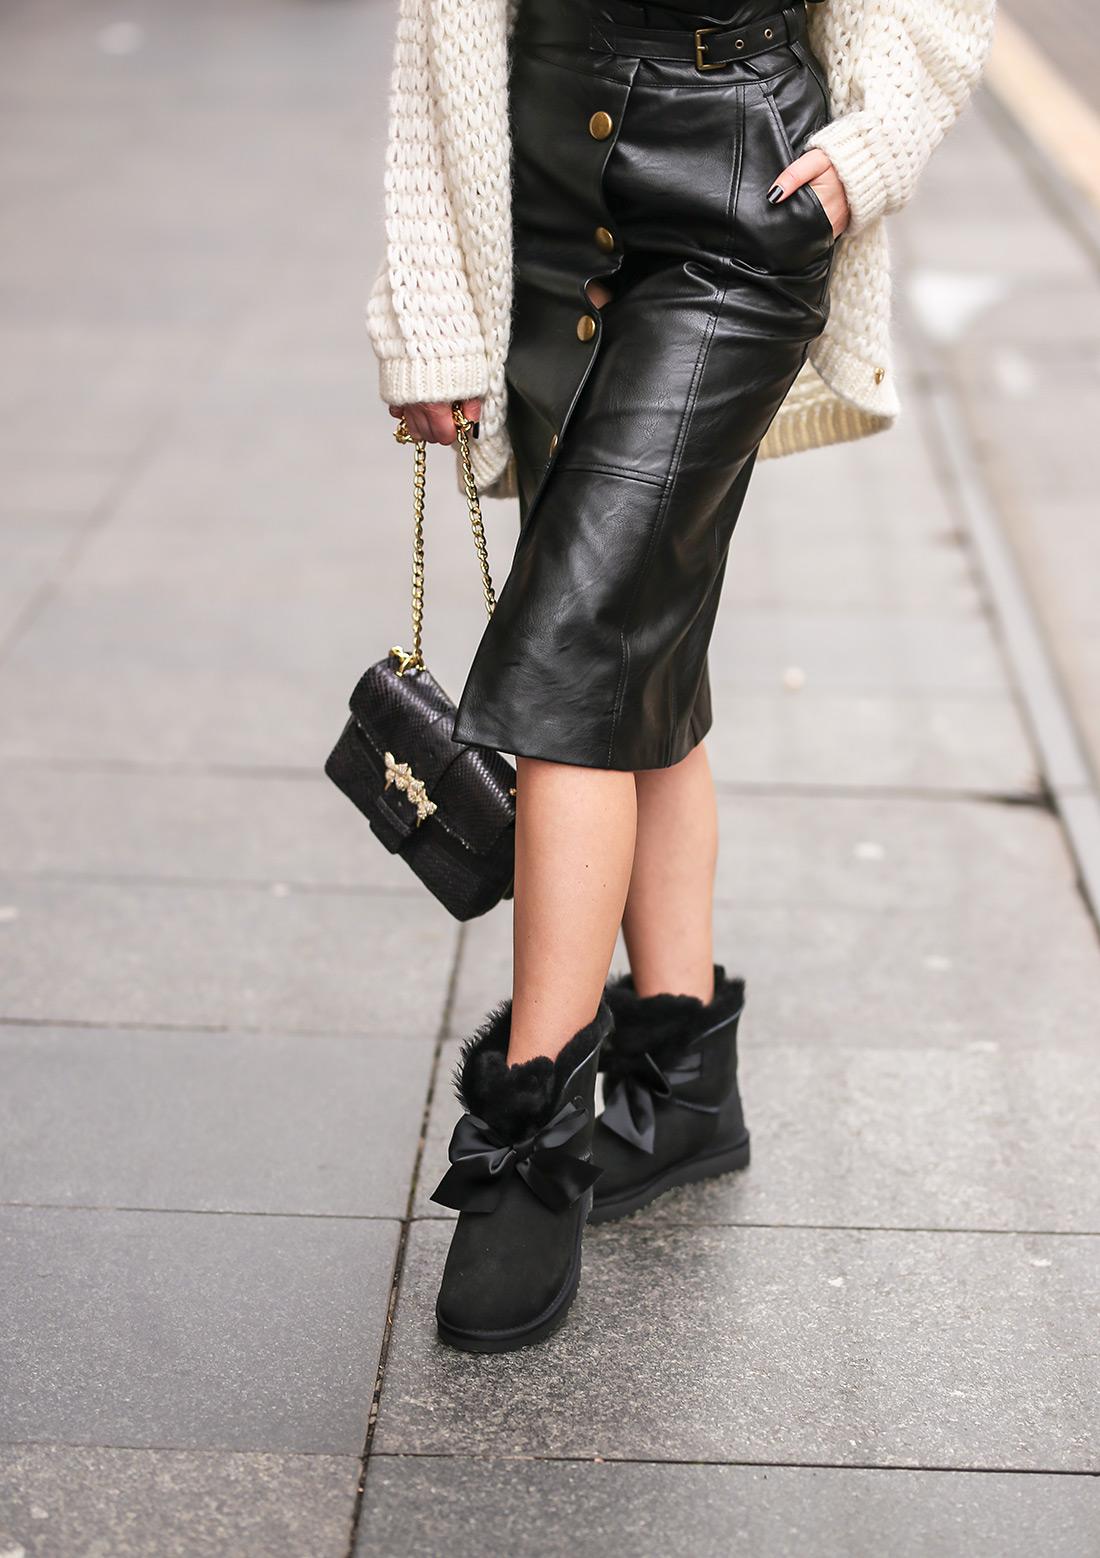 ugg čizme novi modeli najudobnija obuća gdje kupiti zagreb street style ženska moda zima 2019/20 Karla cipele Twinset odjeća Anja Sossich